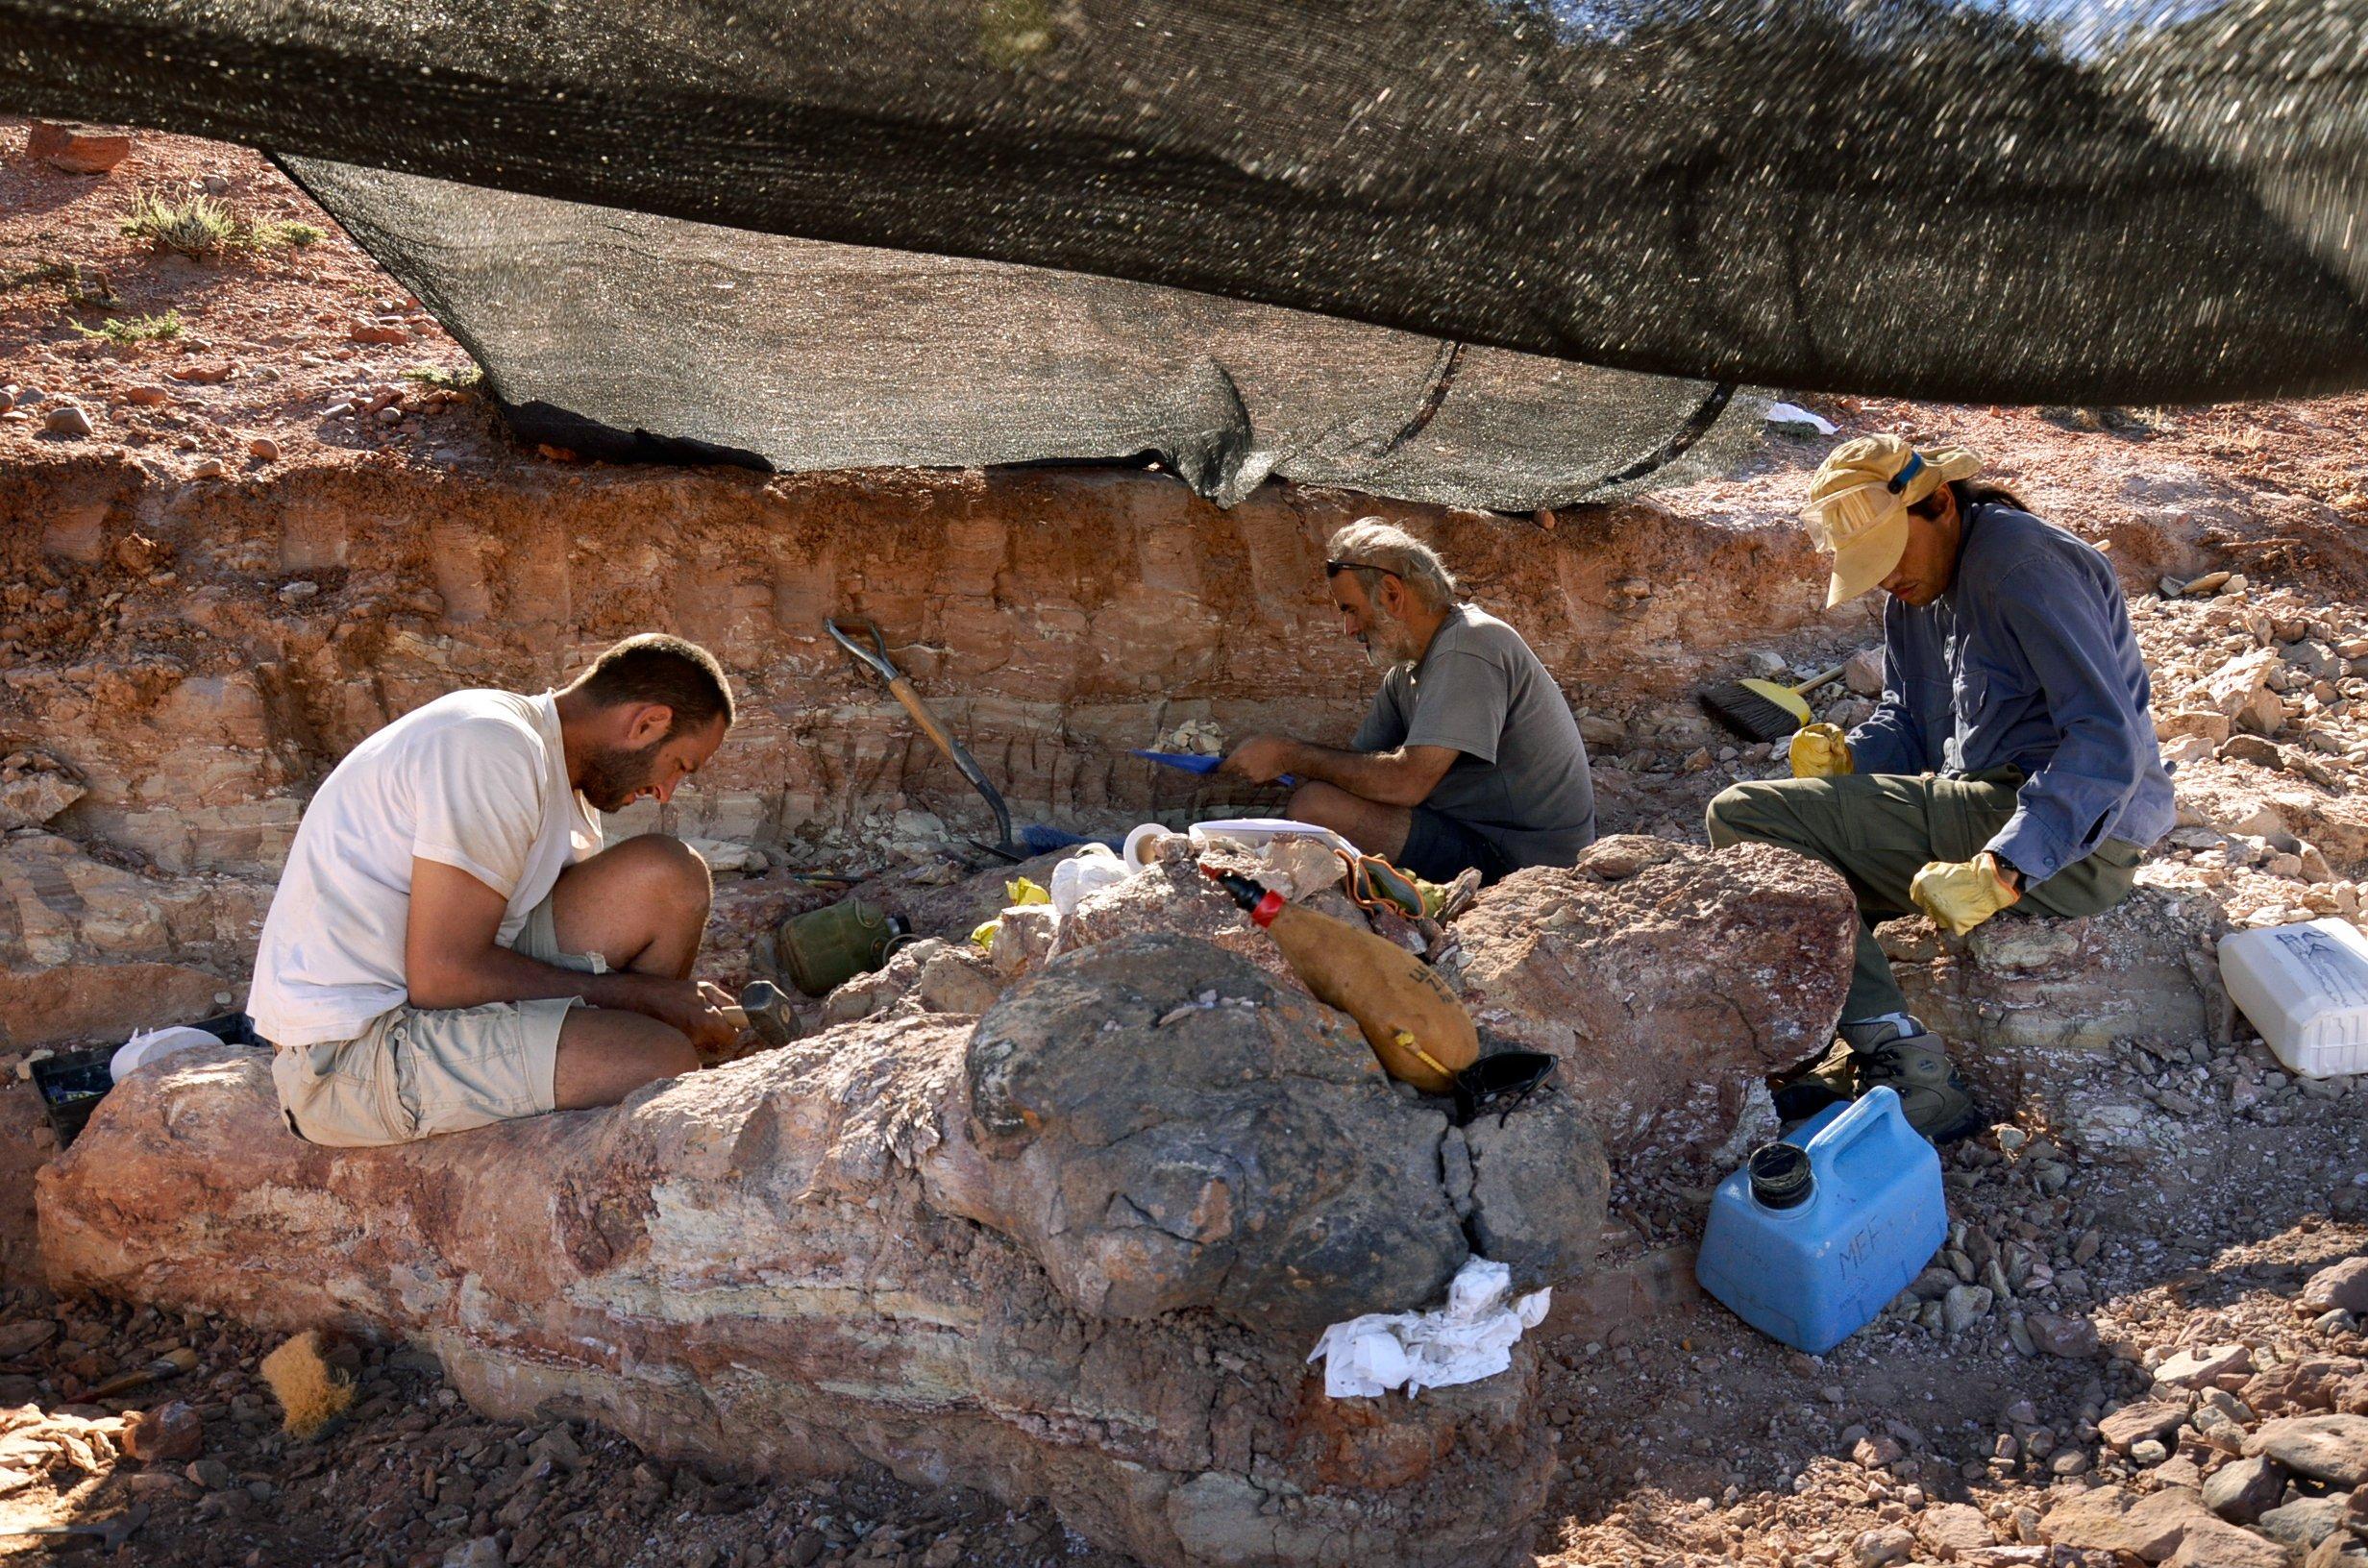 Mitarbeiter des Museo Egidio Feruglio bei der Ausgrabung des womöglich größten Dinosauriers der Welt.